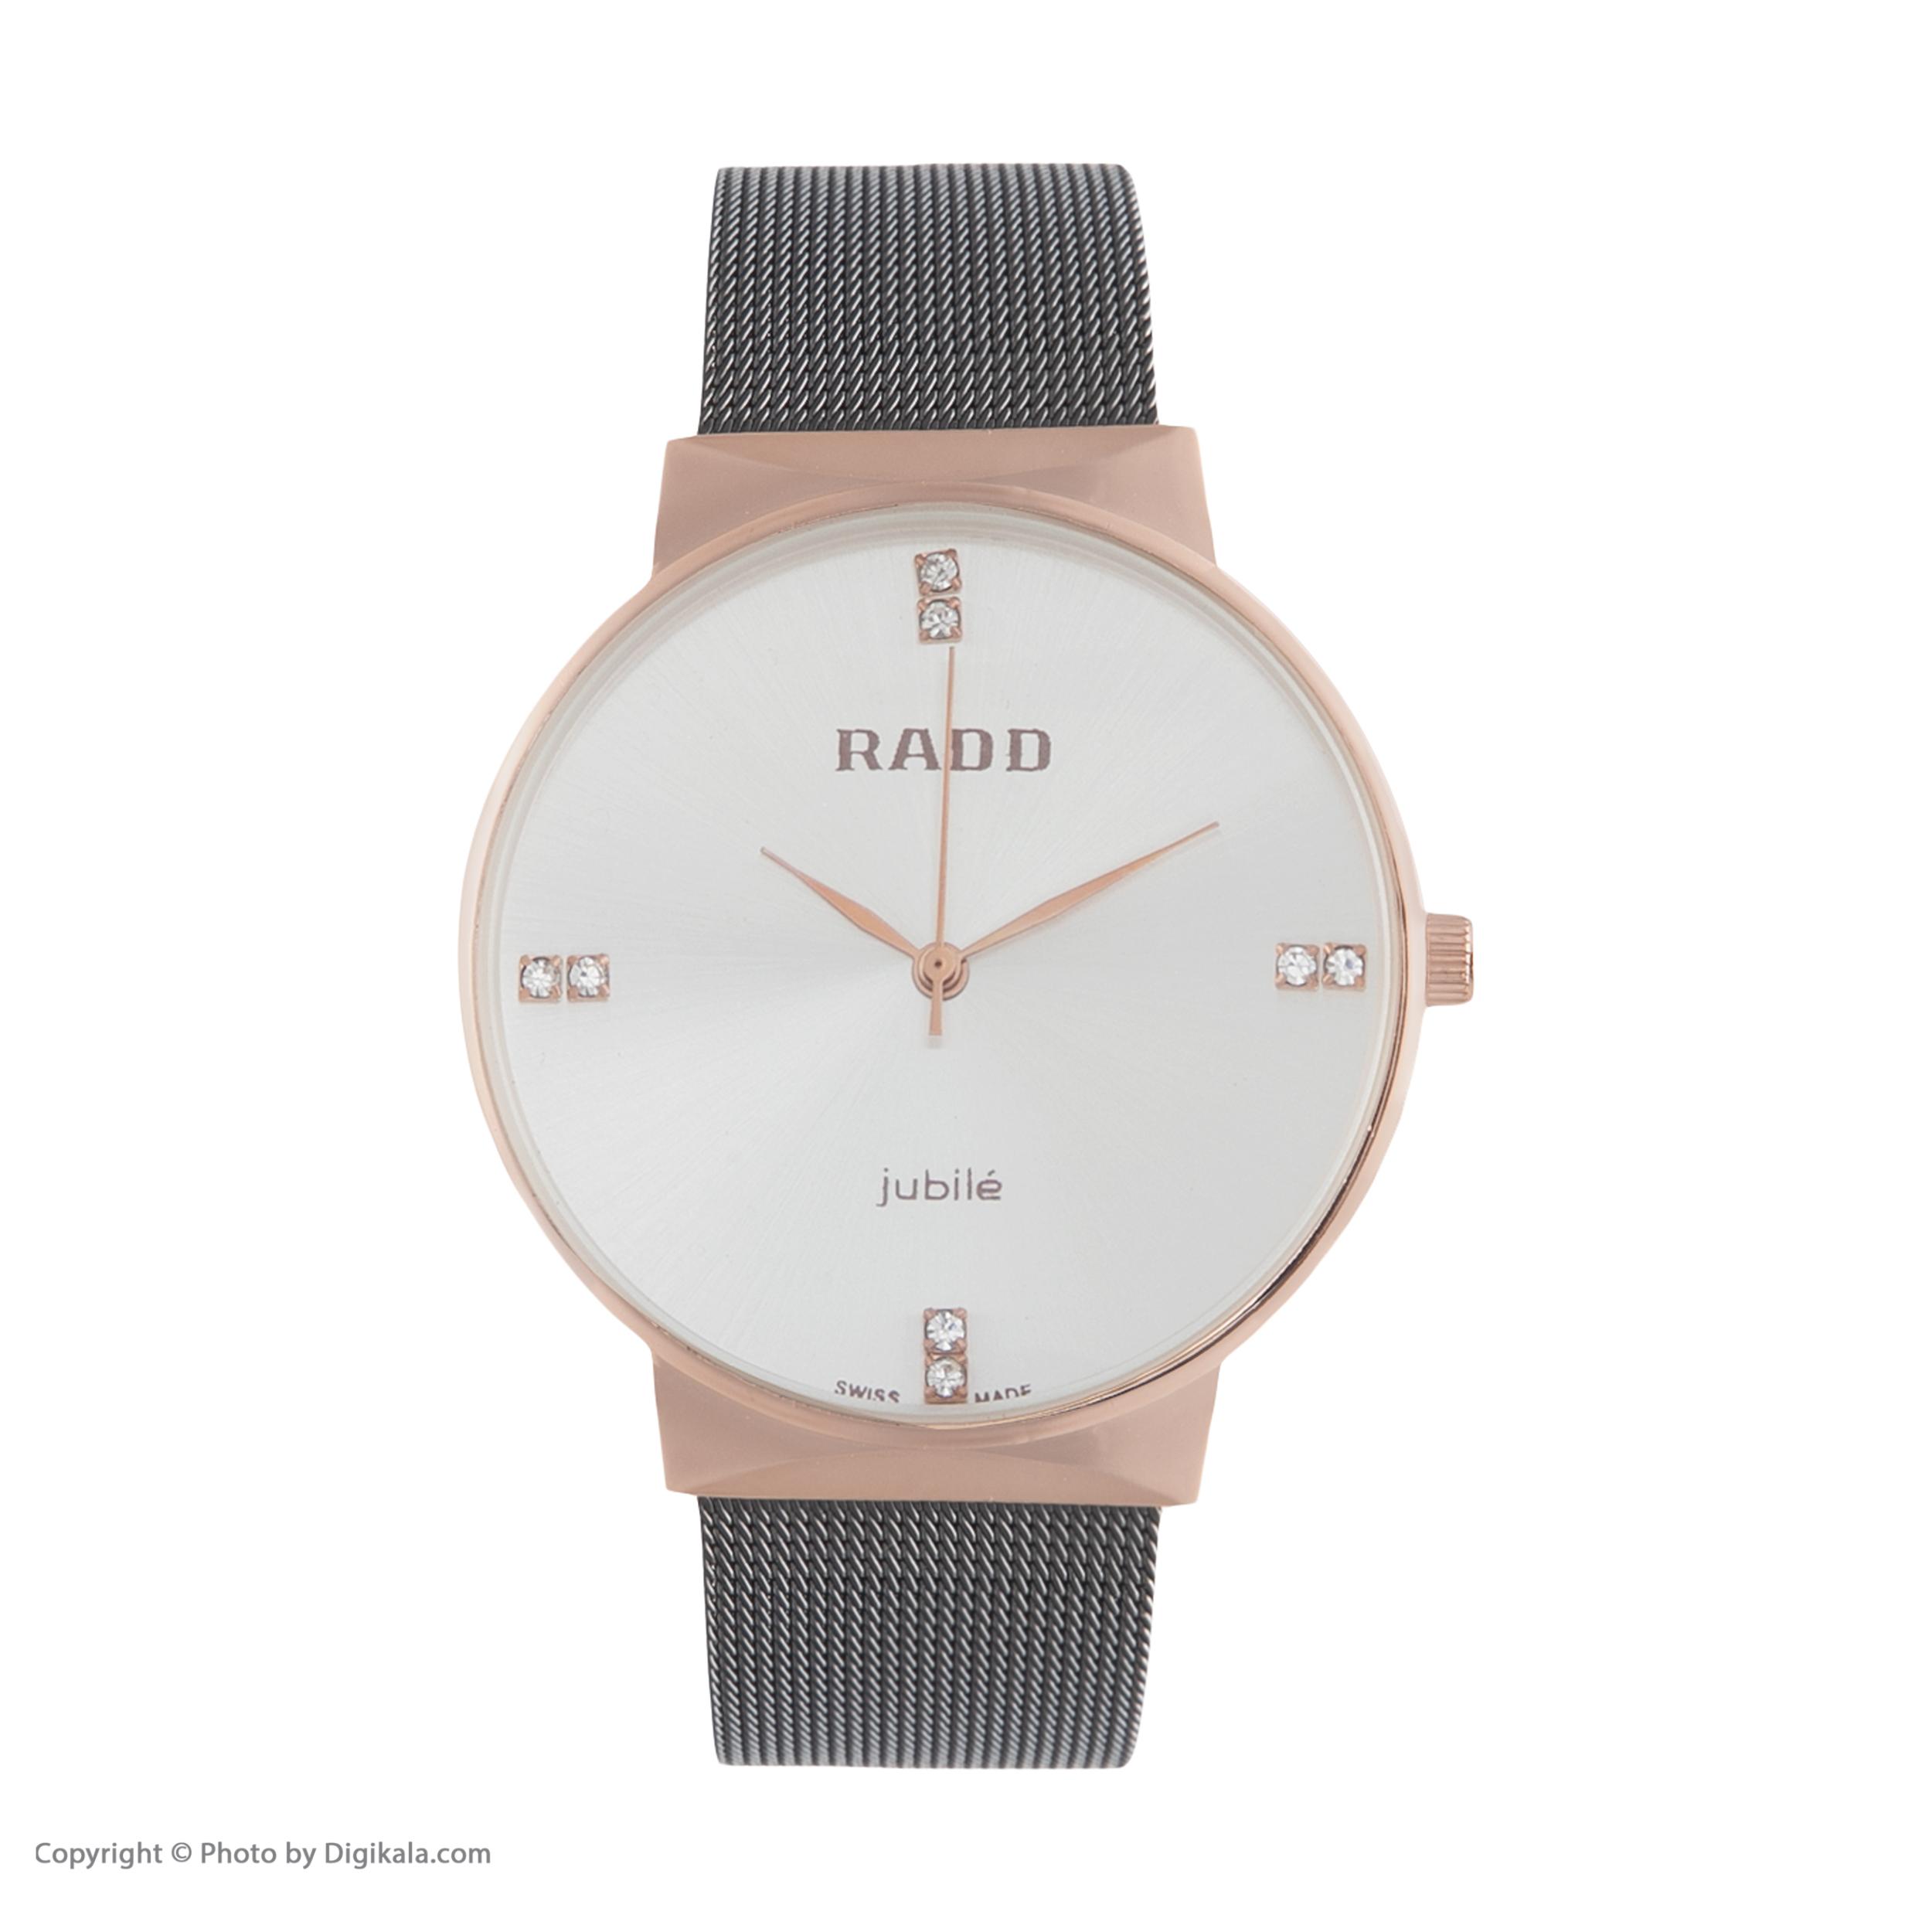 ساعت مچی عقربه ای مردانه مدل R-008m              خرید (⭐️⭐️⭐️)